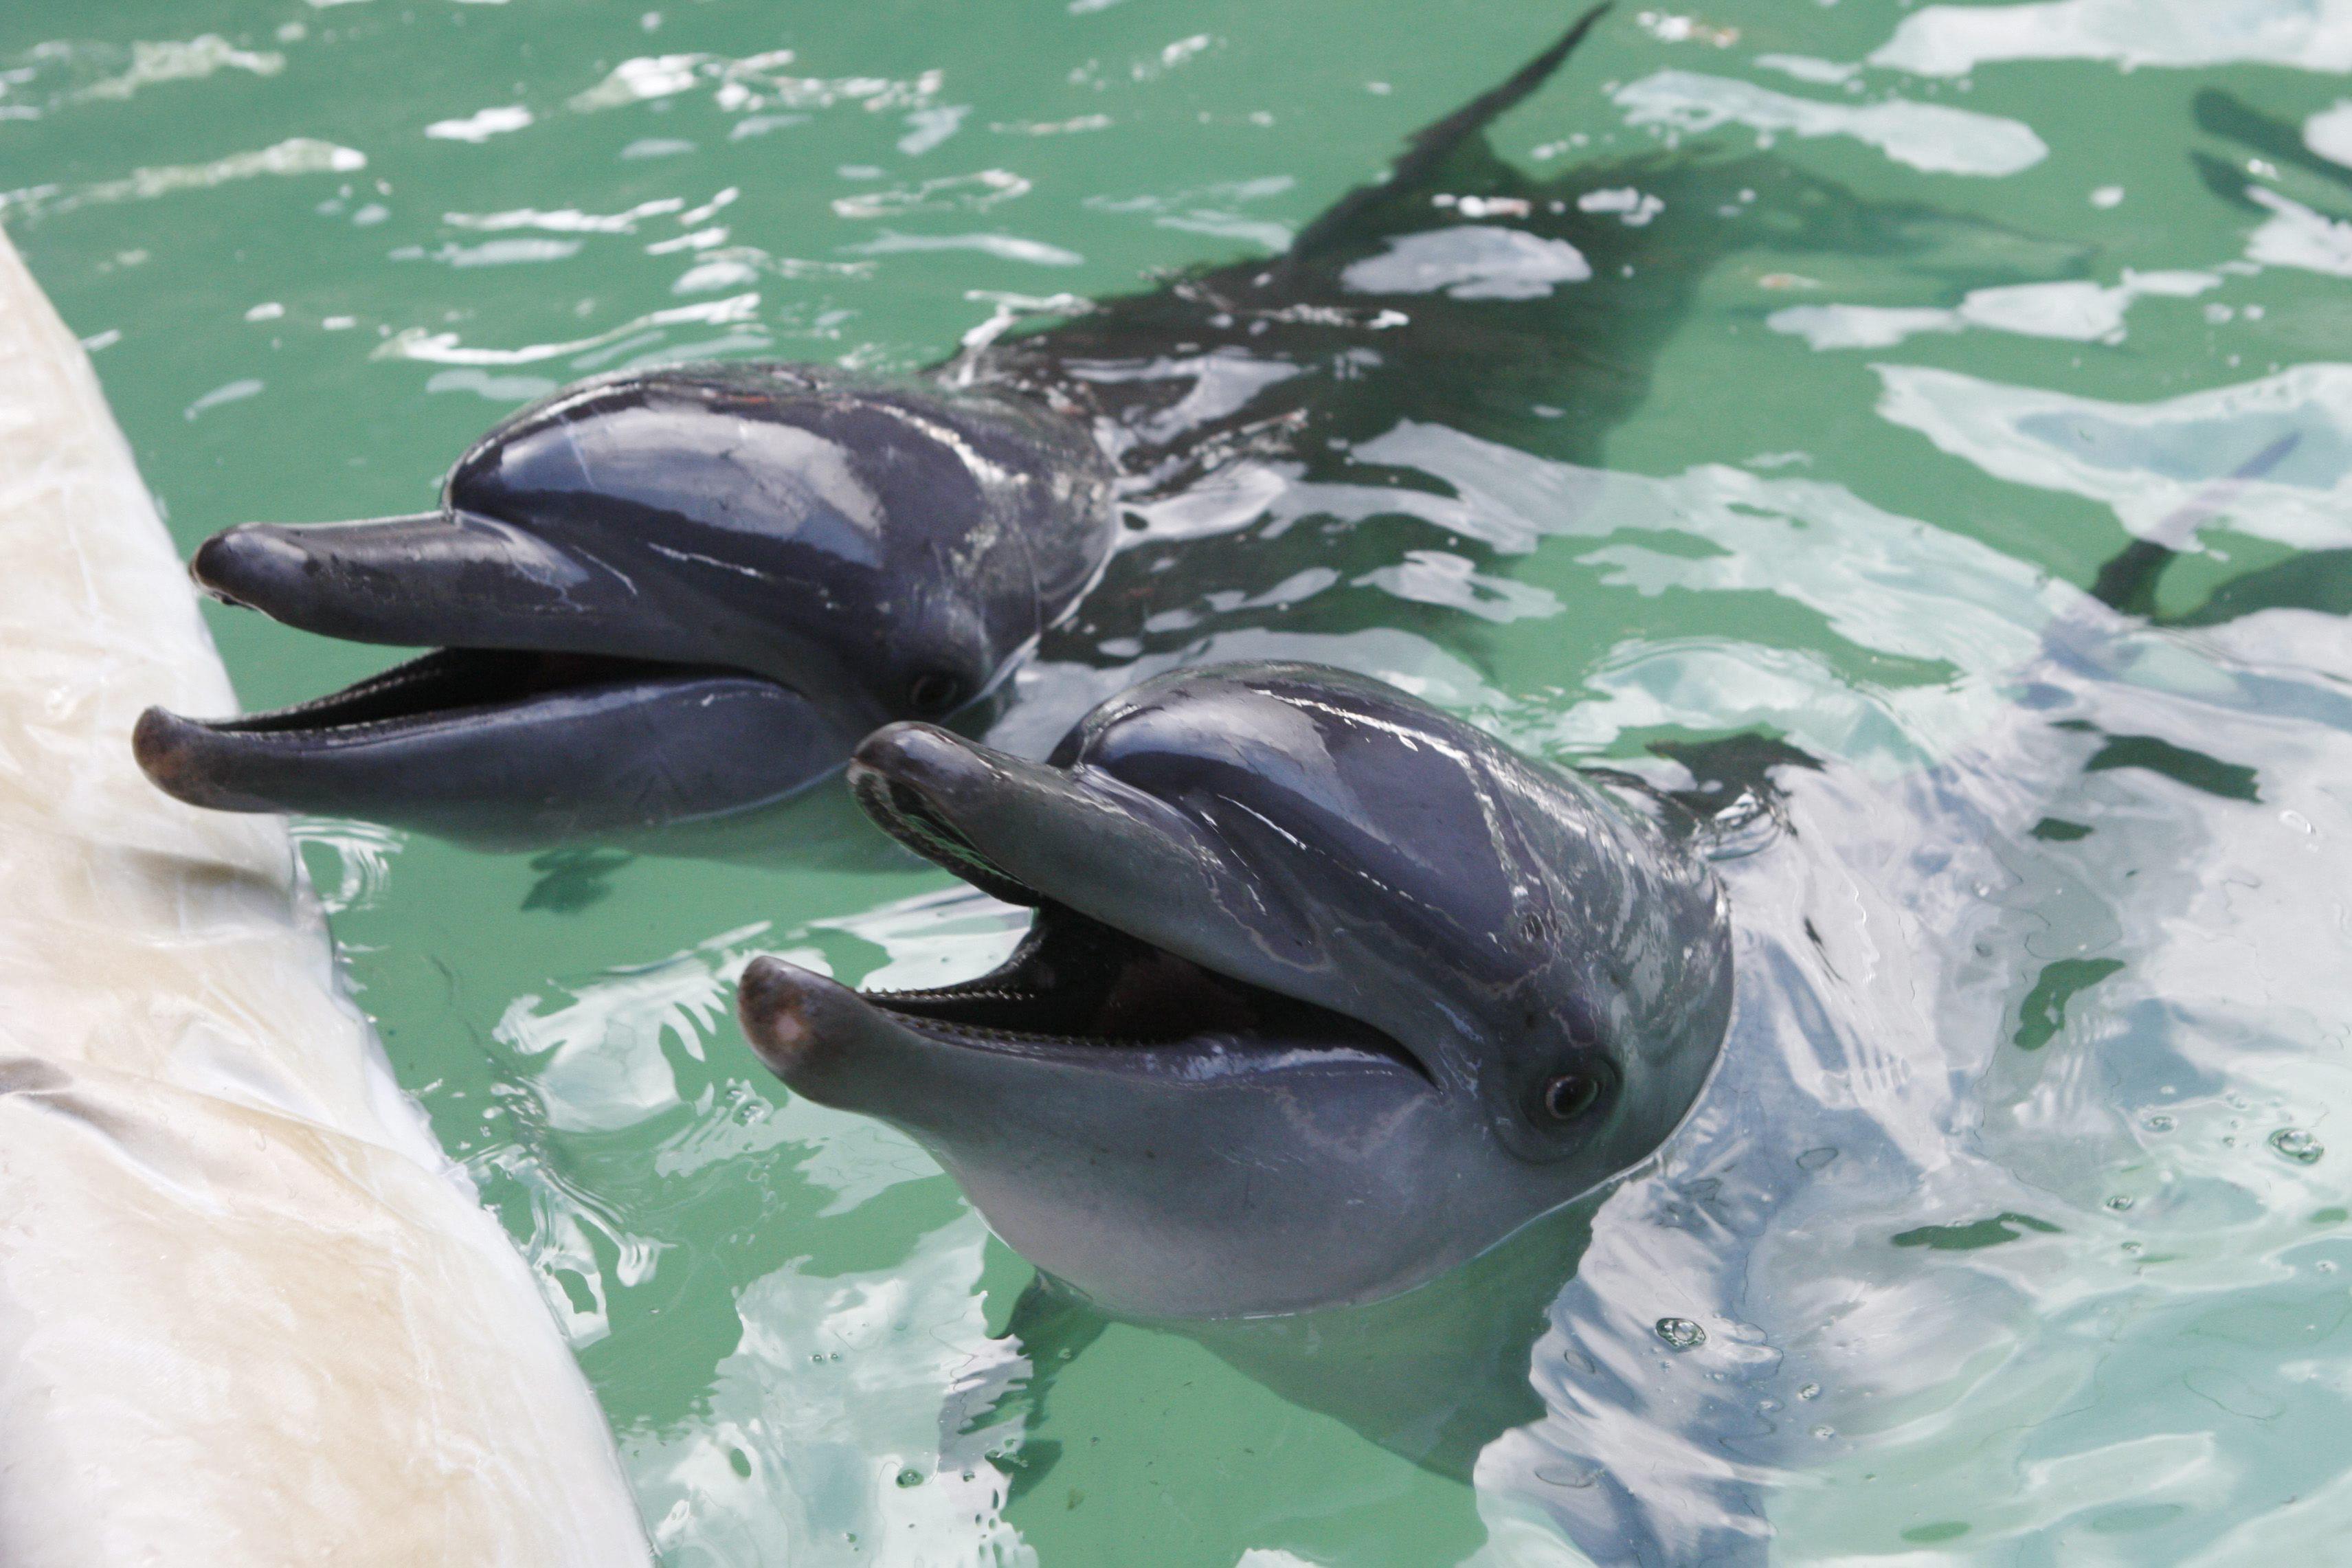 Unos 15.000 delfines mueren al año a manos de pescadores artesanales